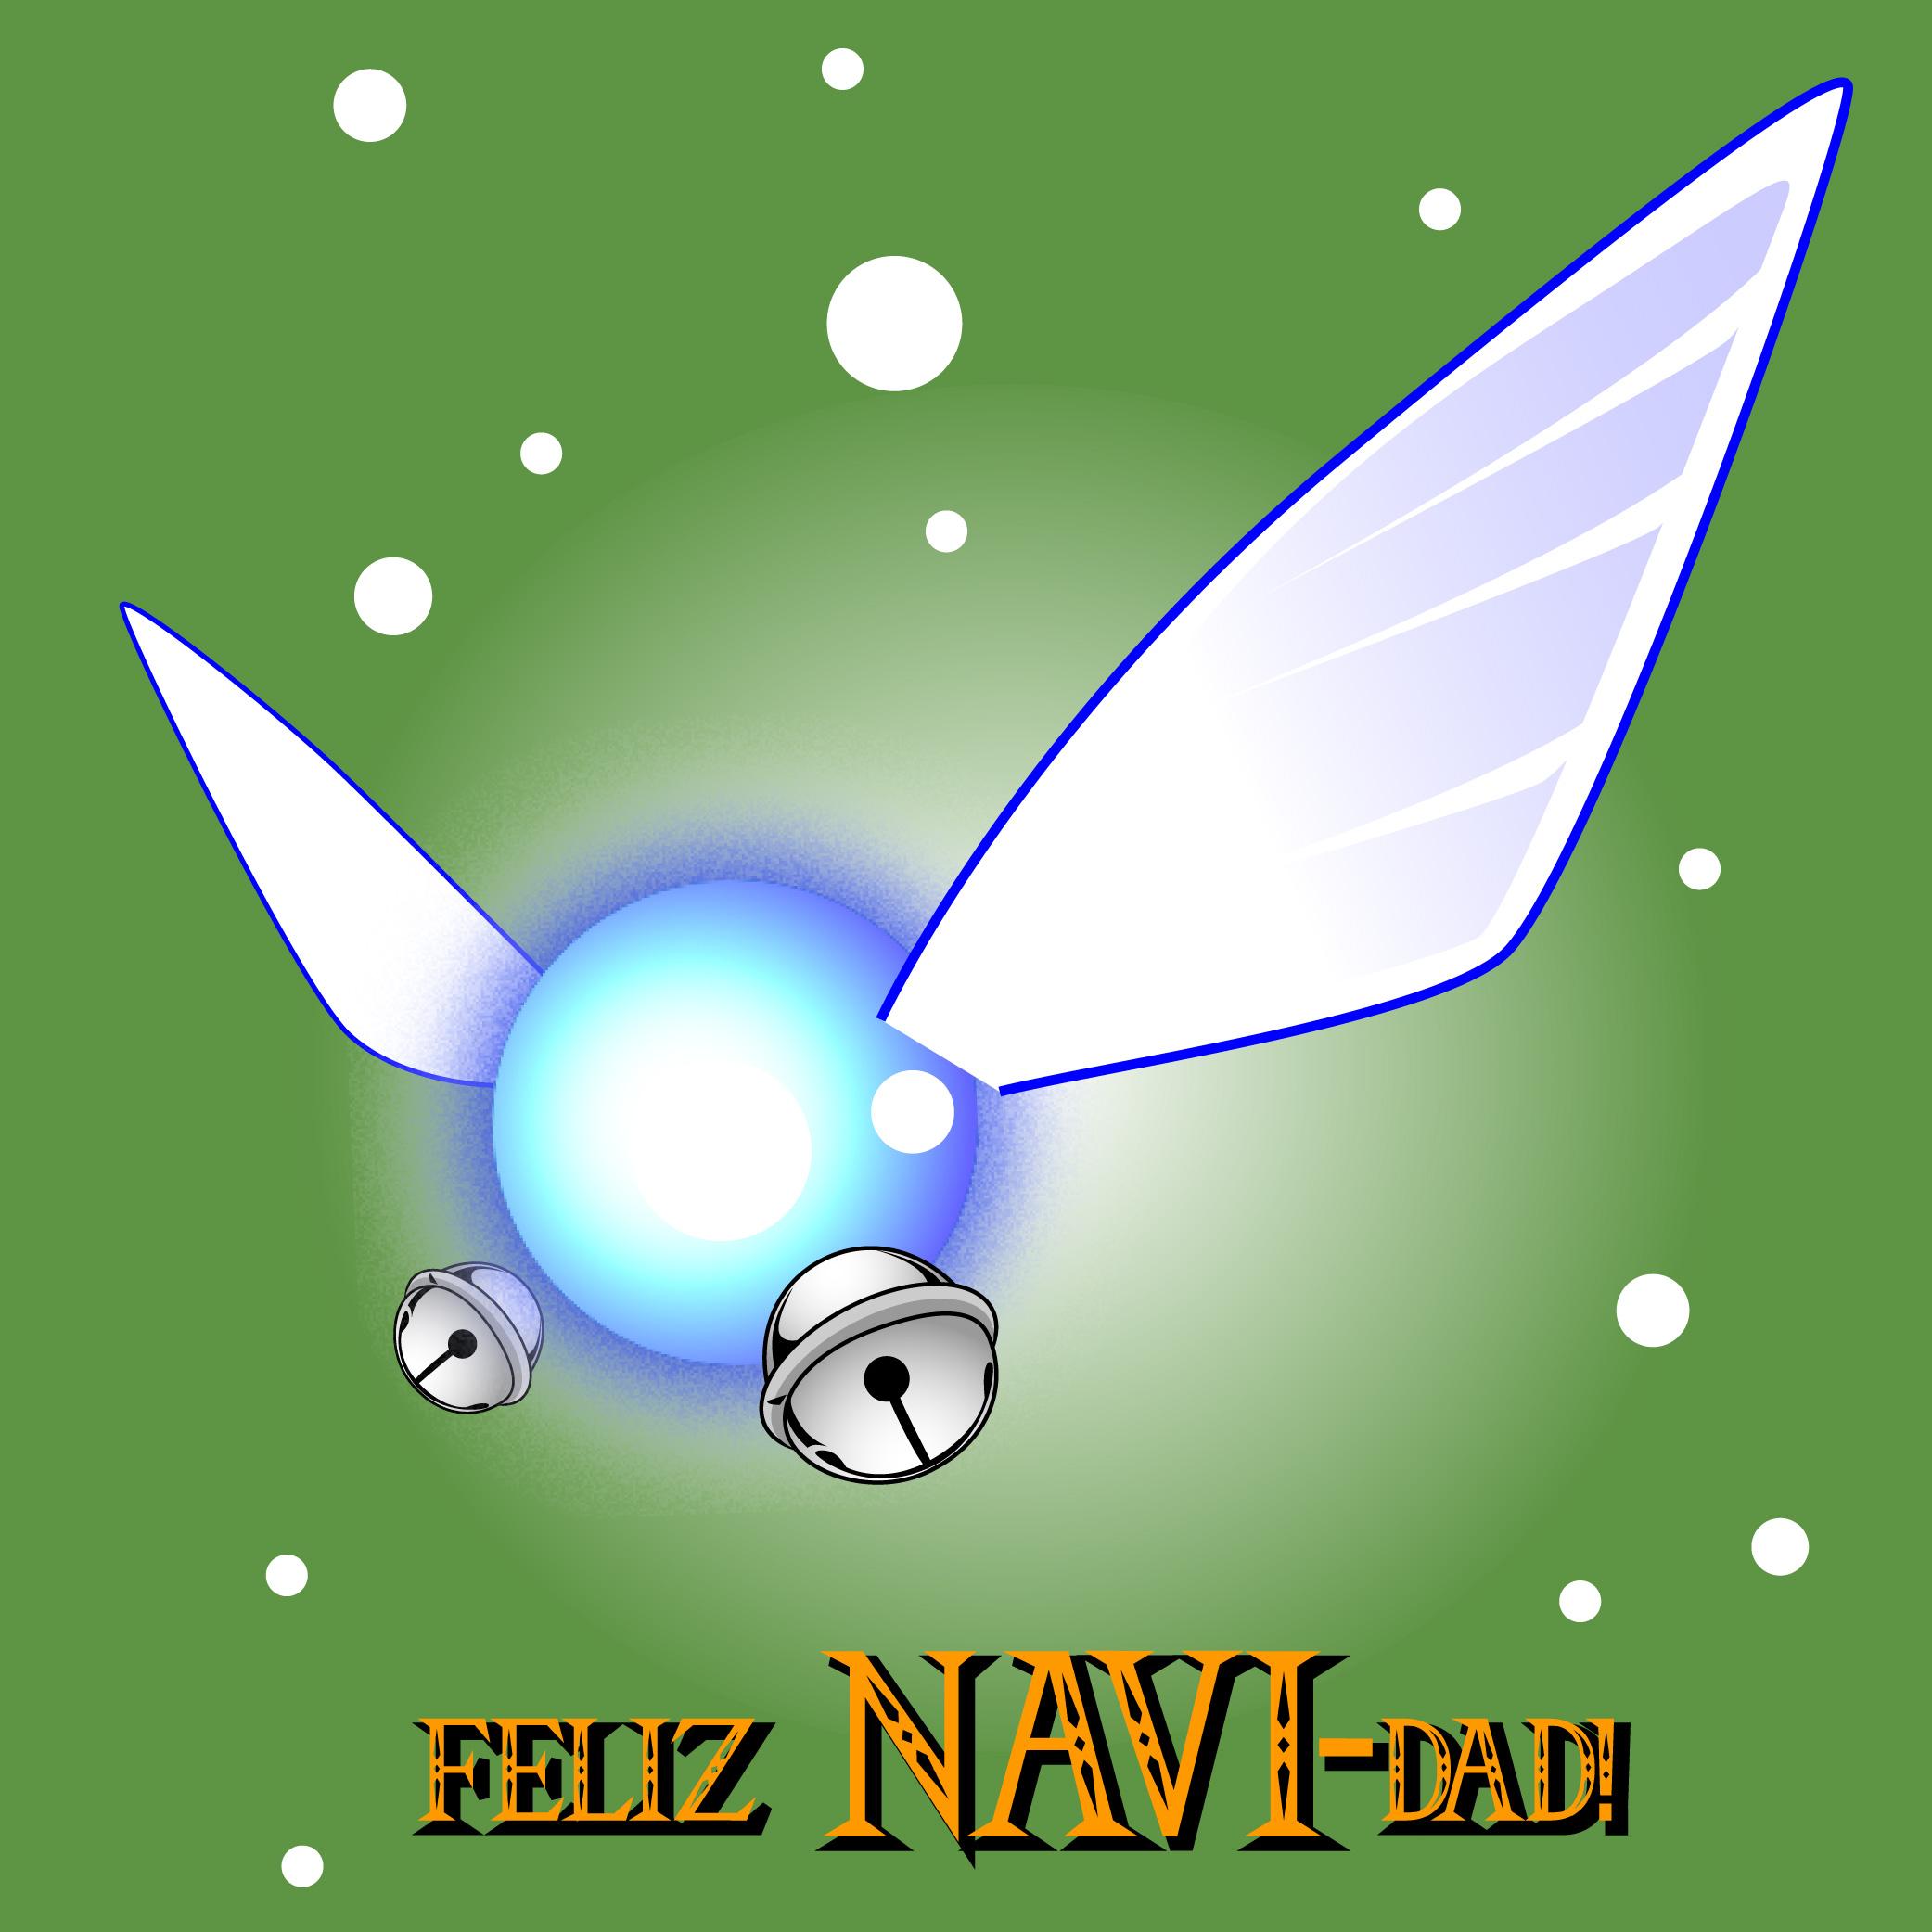 Navi Christmas